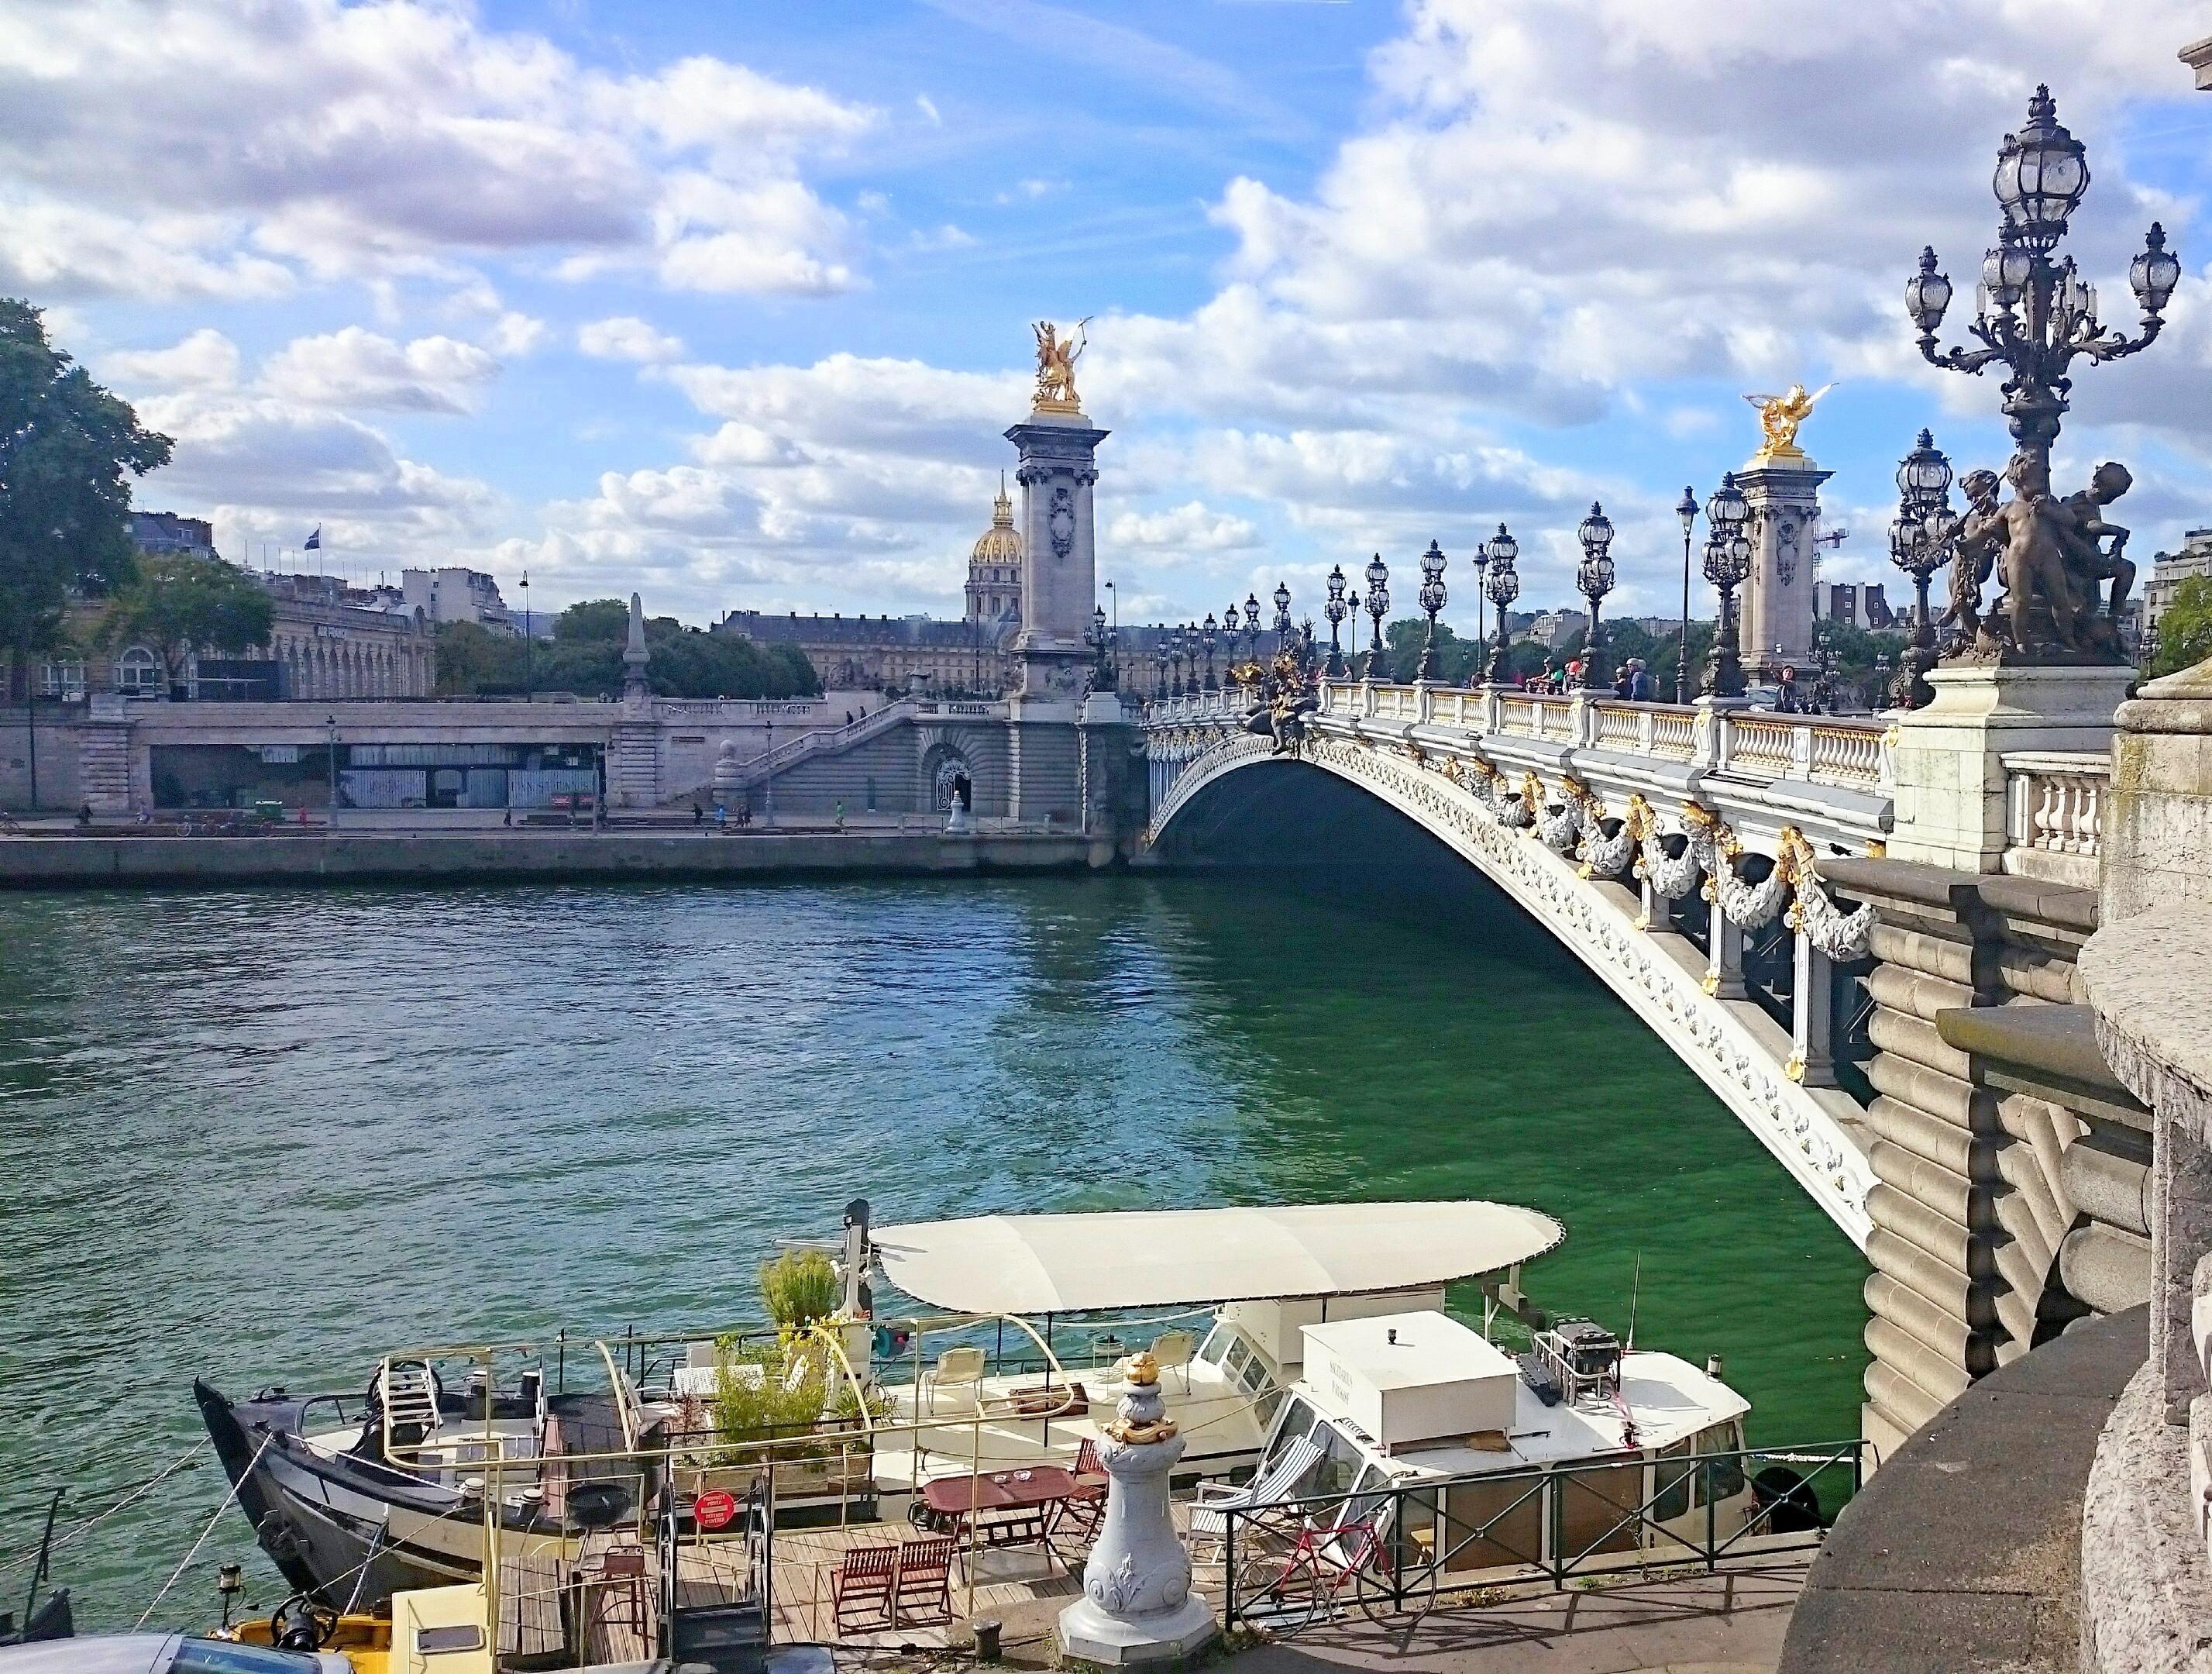 Alexandre Bridge in Paris